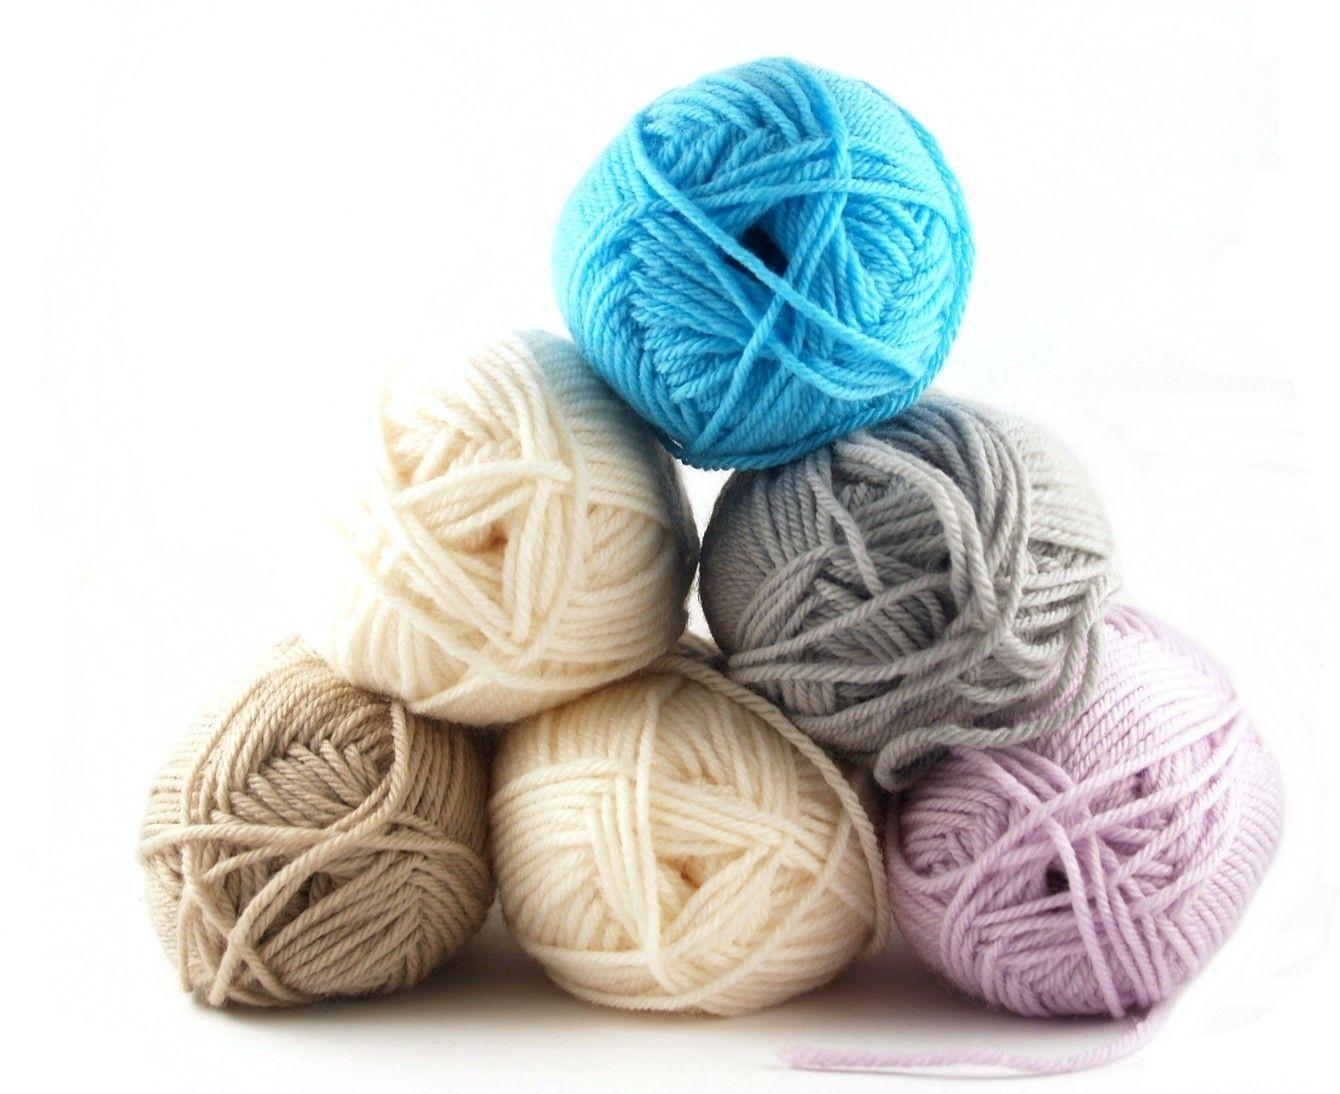 Materialkunde | цвета | Pinterest | Wolle, Stricken häkeln und Häkeln